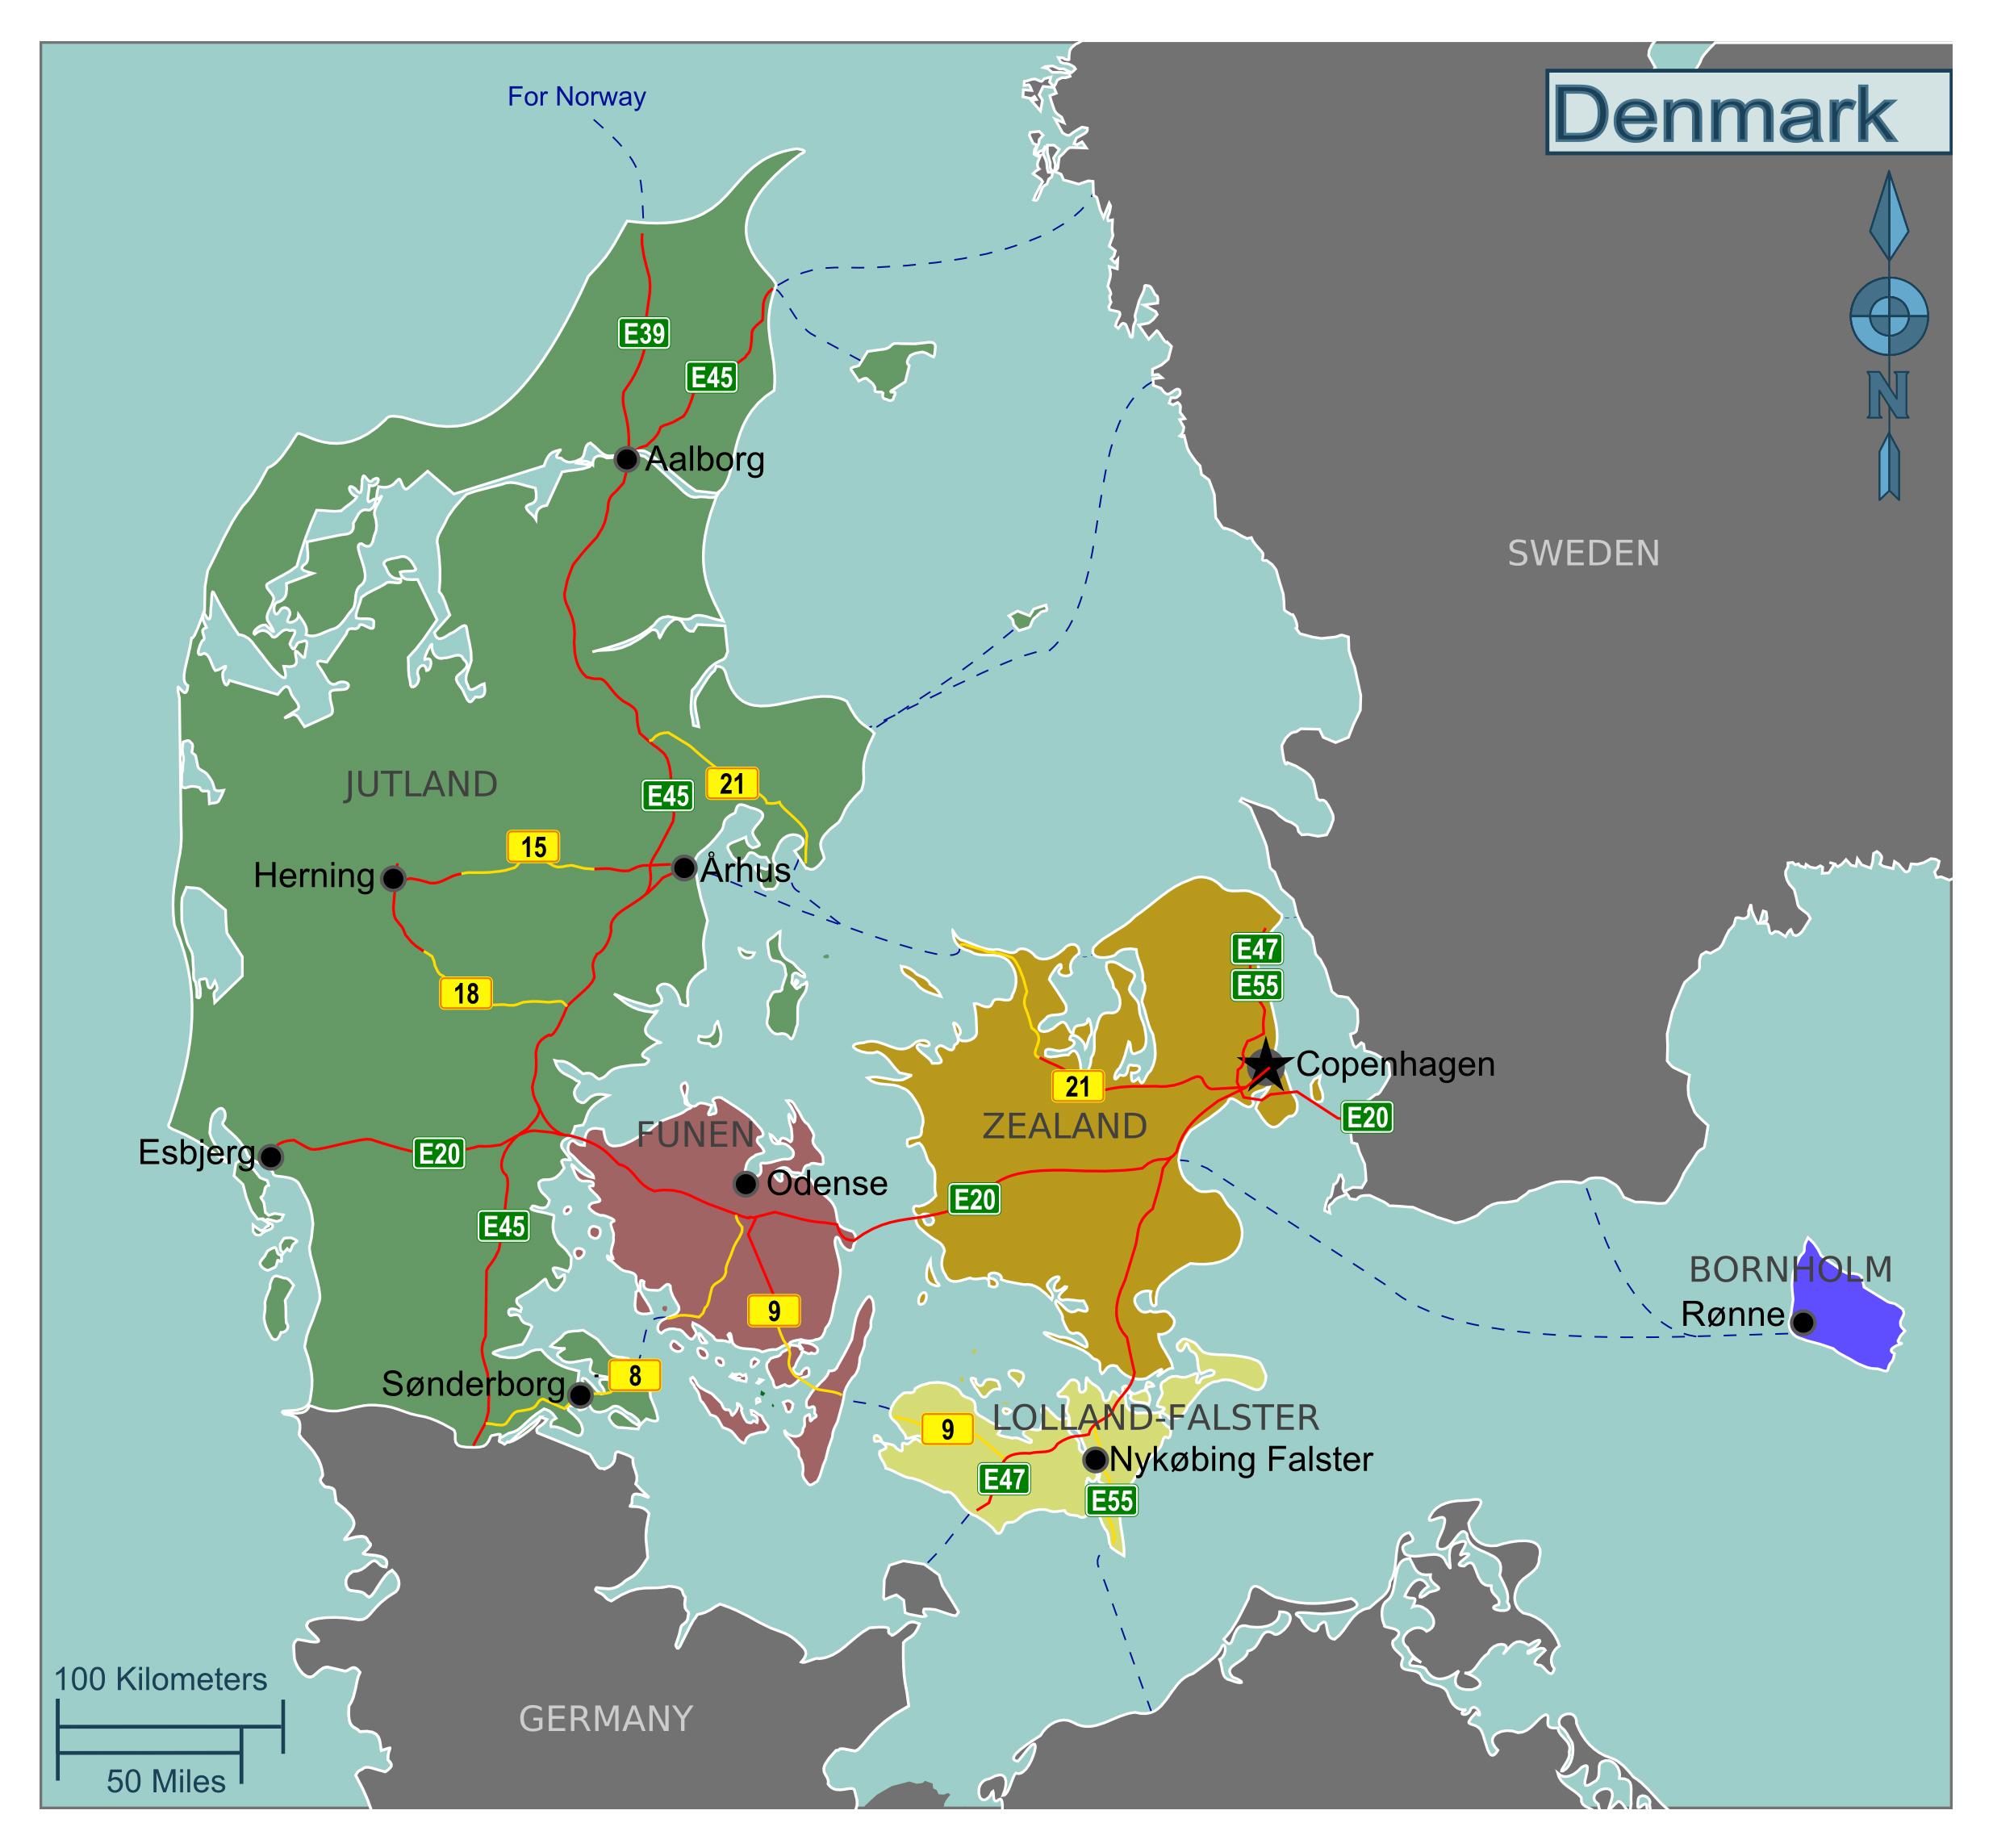 Large regions map of Denmark   Denmark   Europe   Mapsland ...